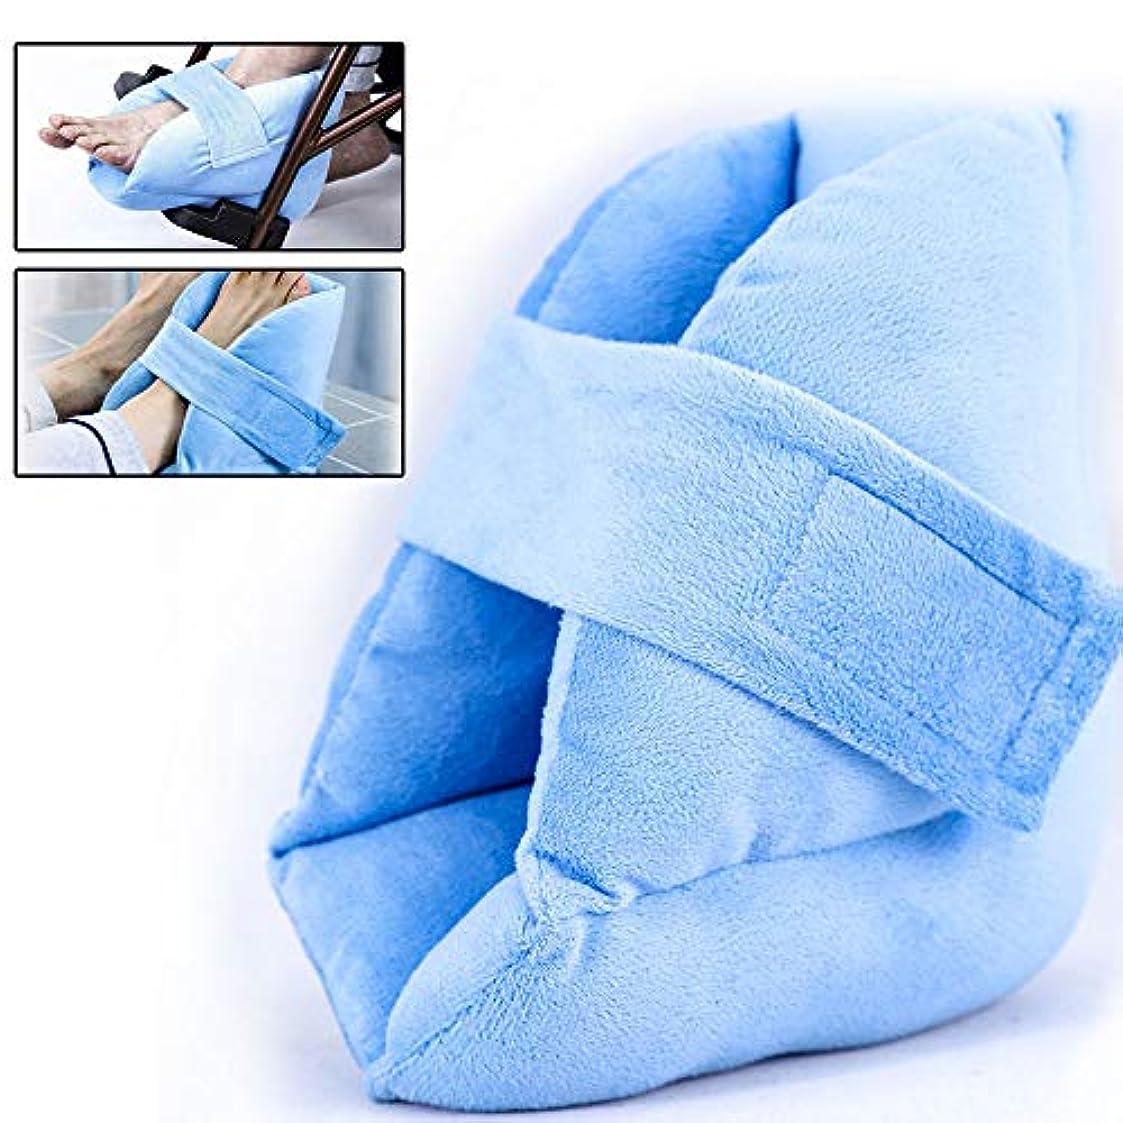 支出深く命題通気性スポンジ充填ヒールクッションプロテクター - 足首プロテクター枕 褥瘡とかかとの潰瘍の軽減のため,1Pcs